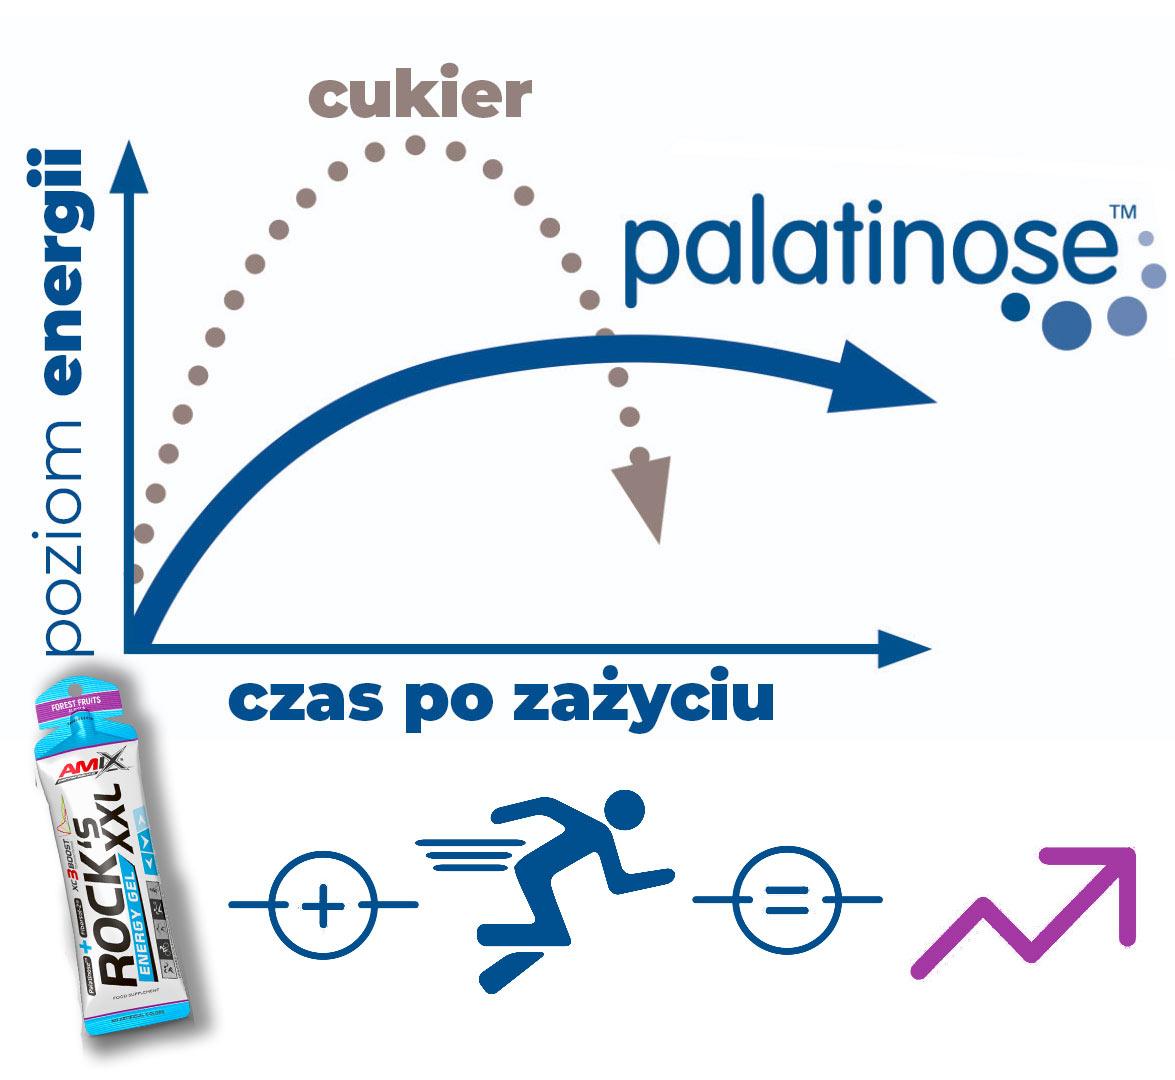 palatynoza-wykres-działanie